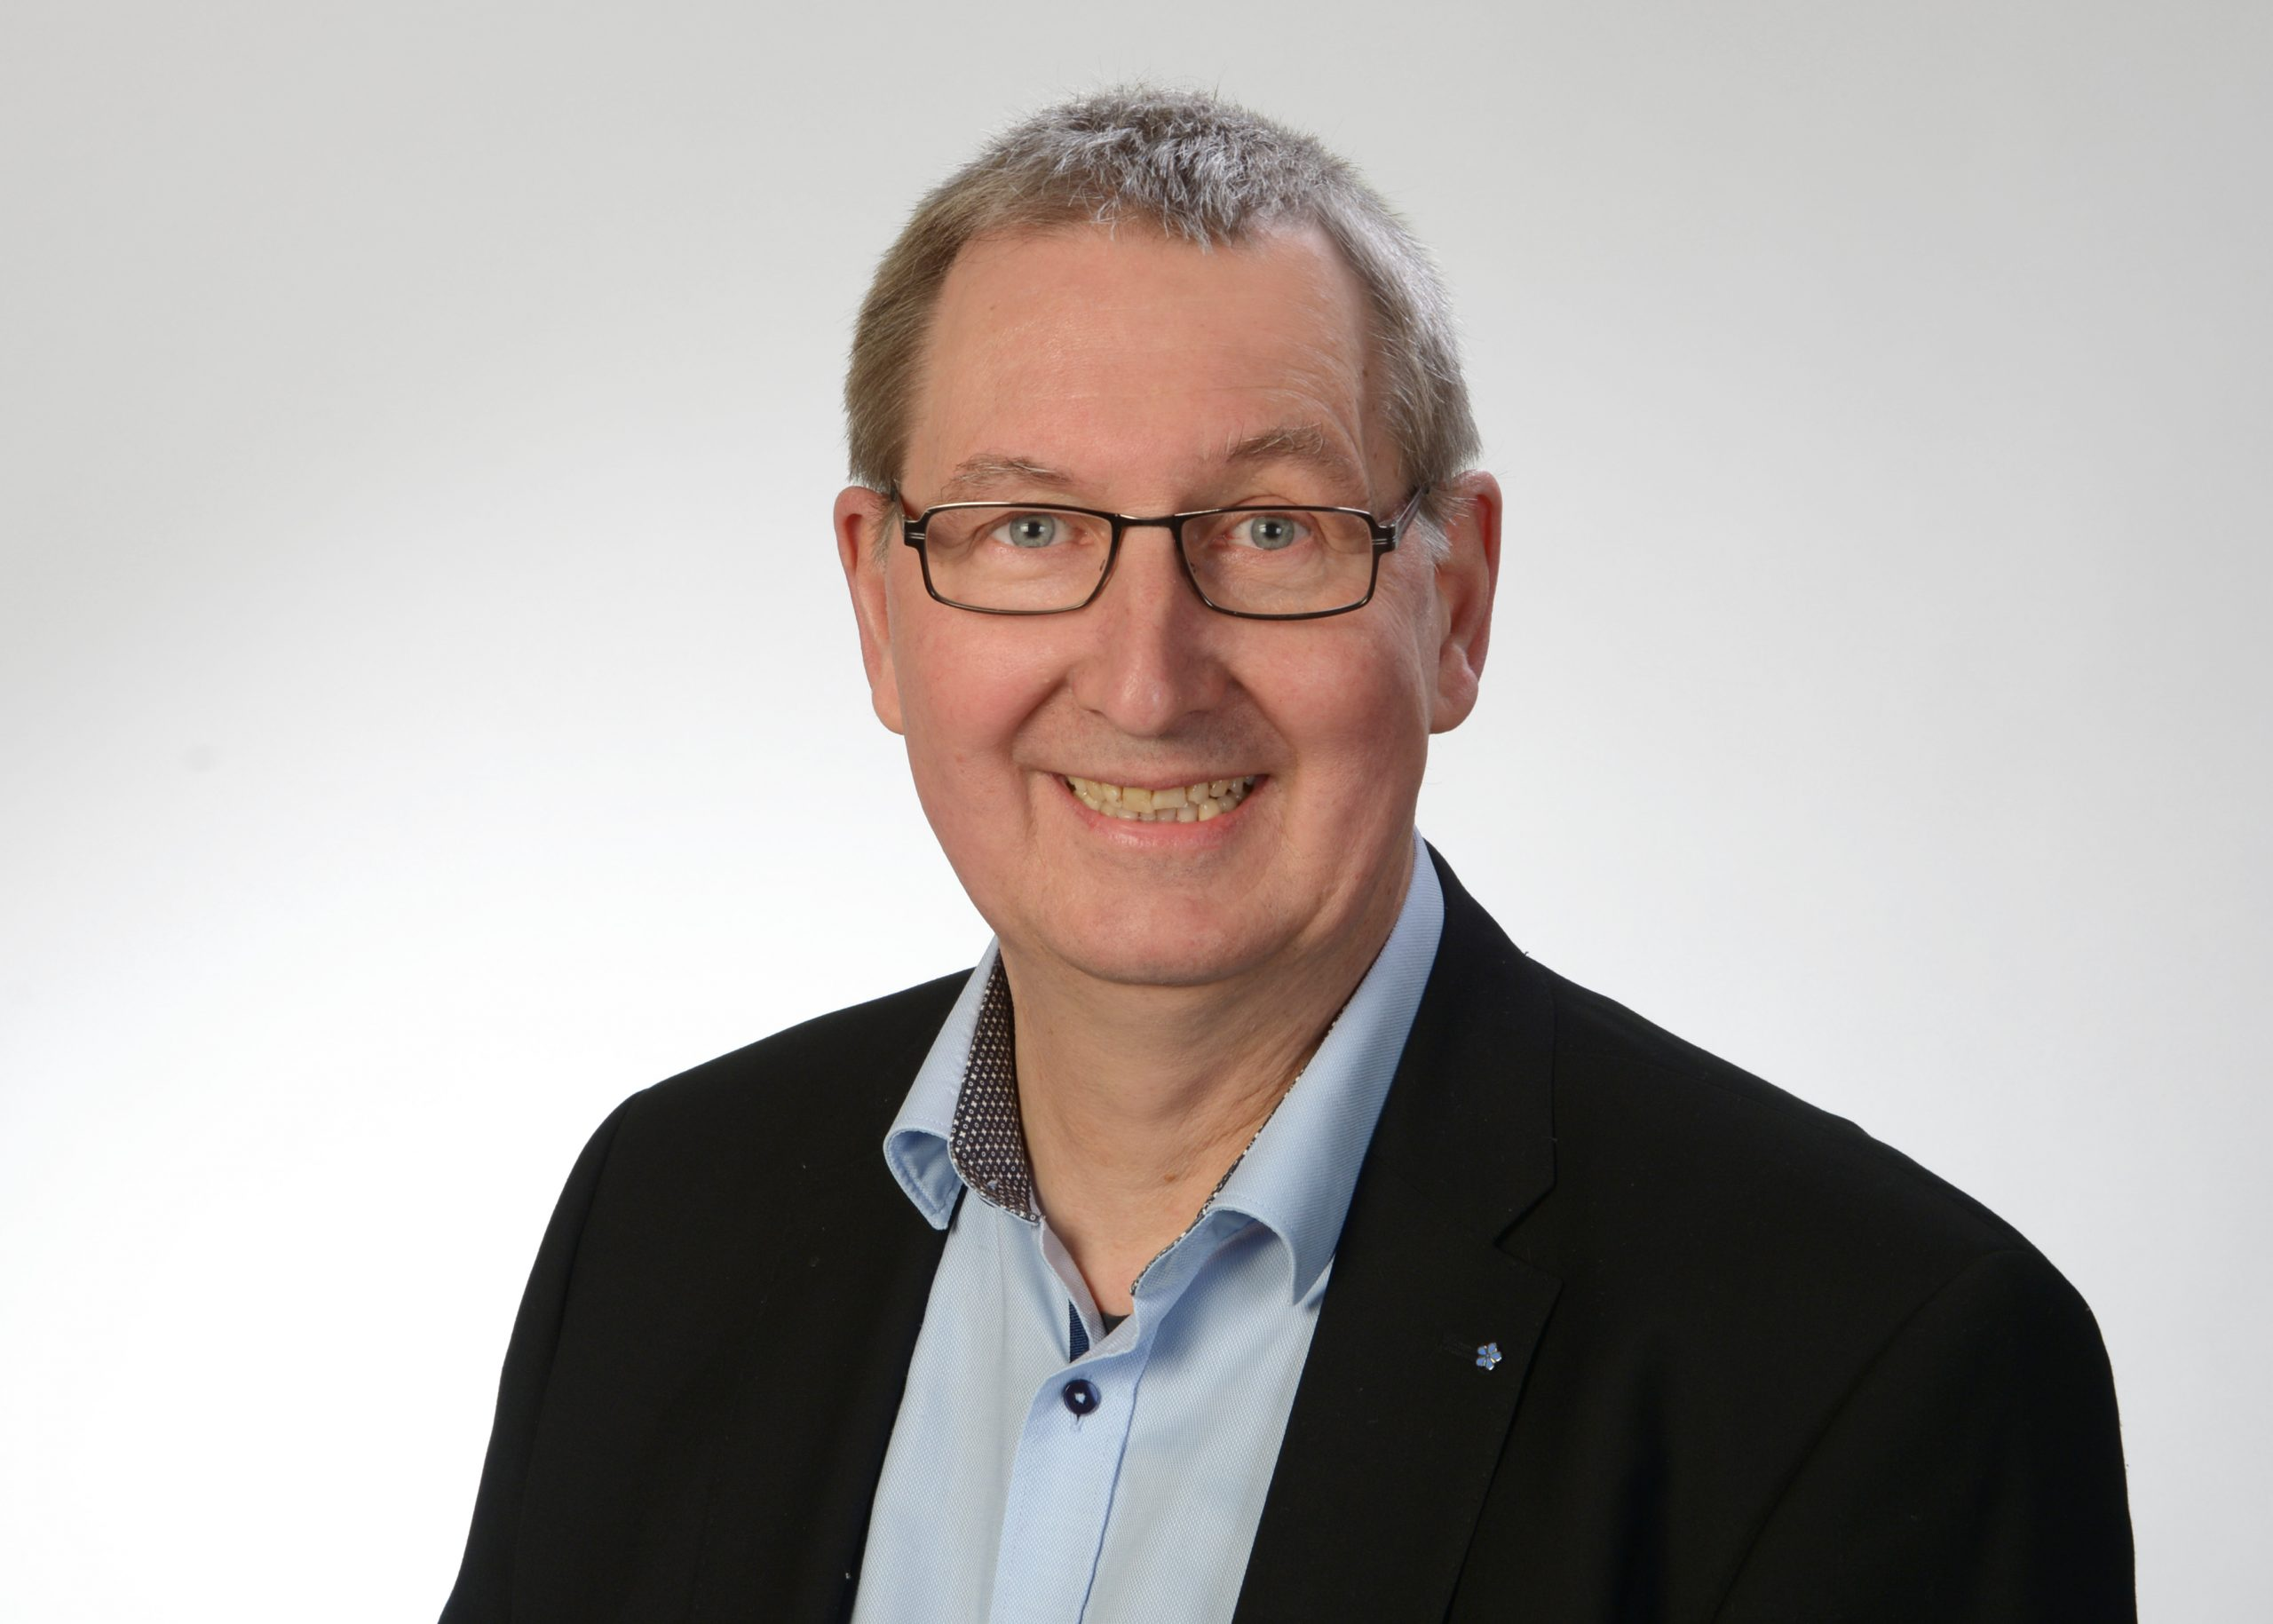 Hans-Günther Kay